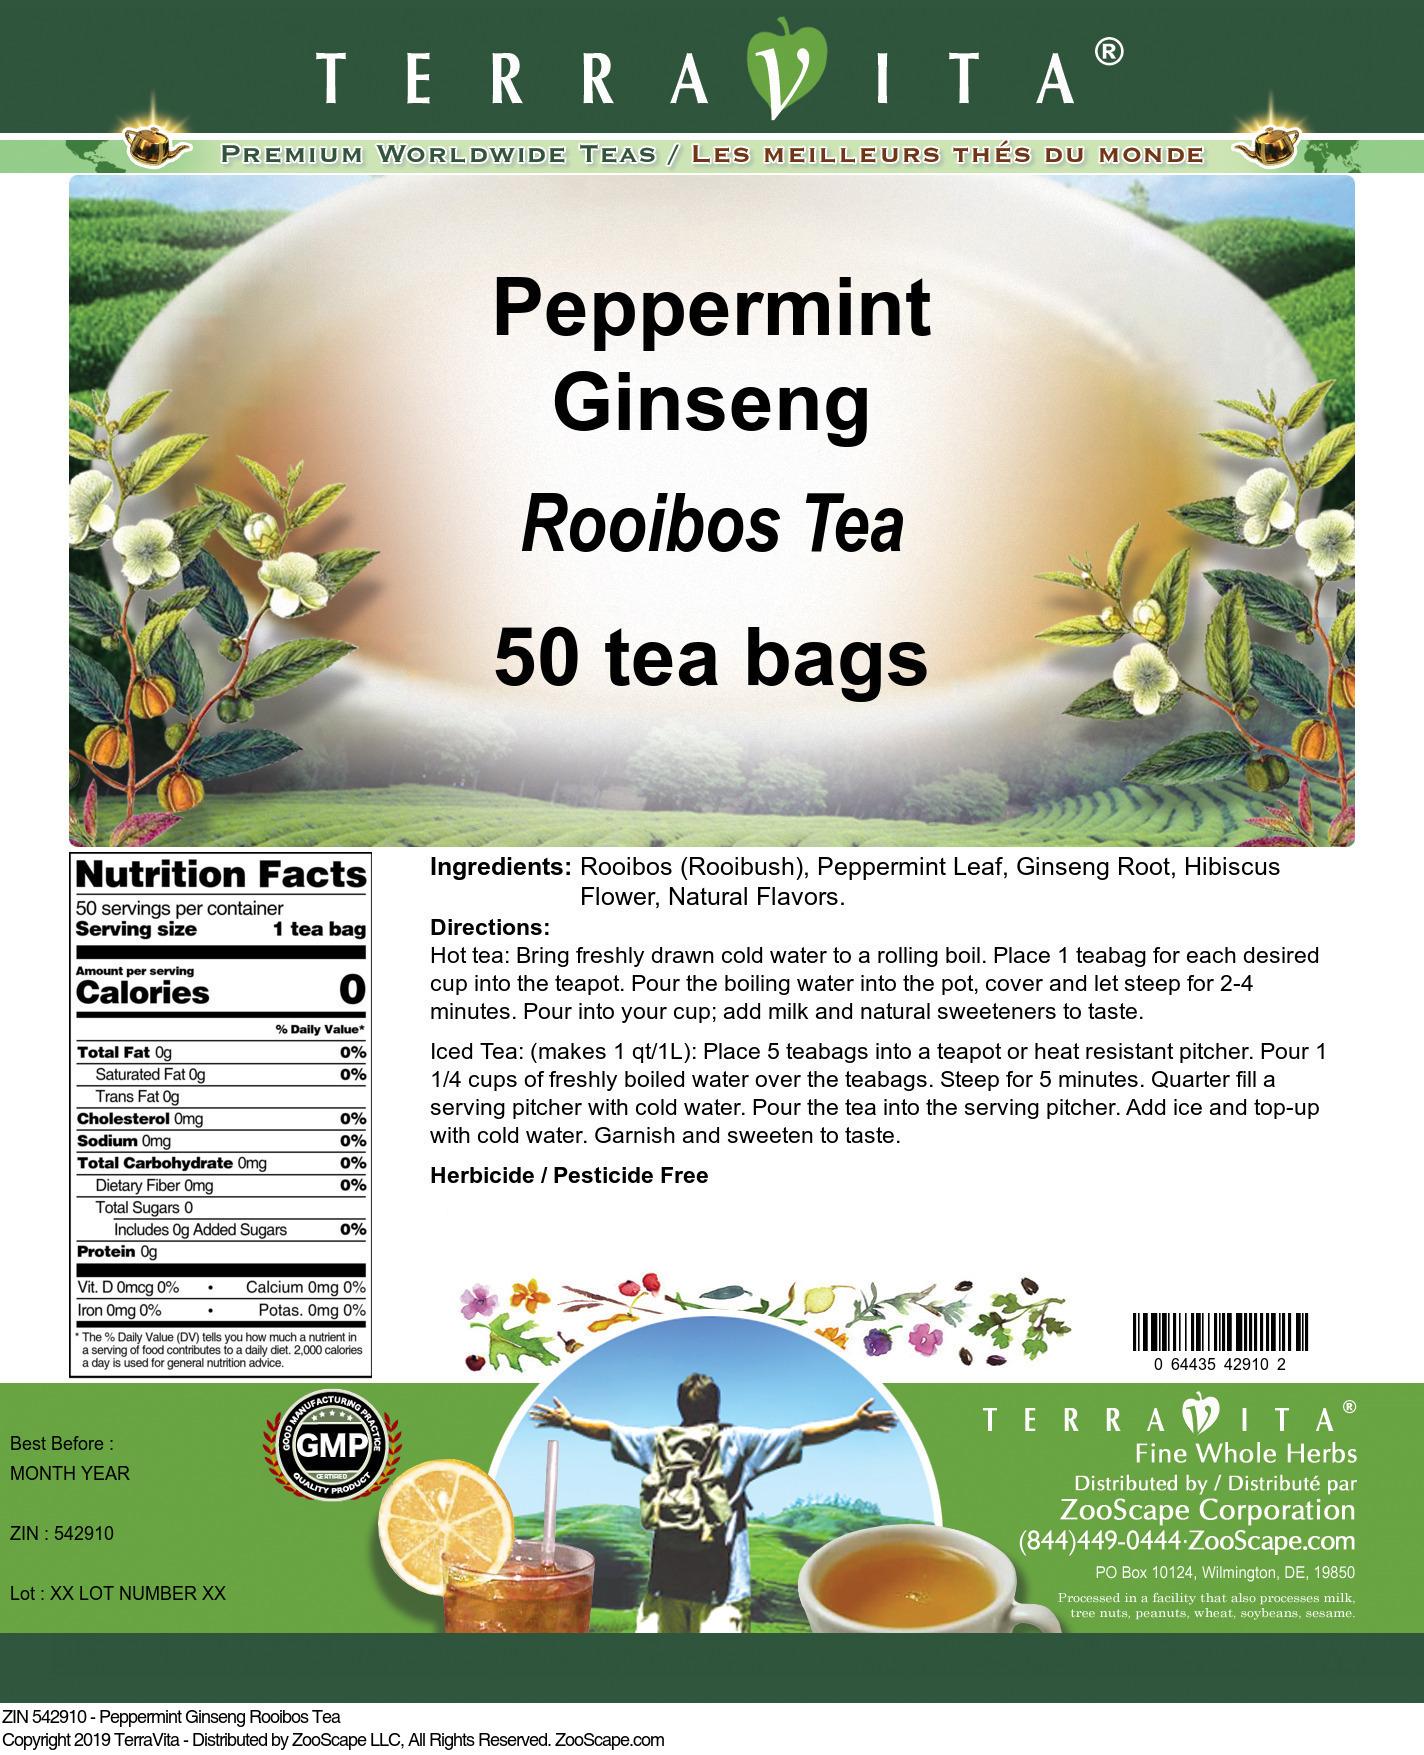 Peppermint Ginseng Rooibos Tea